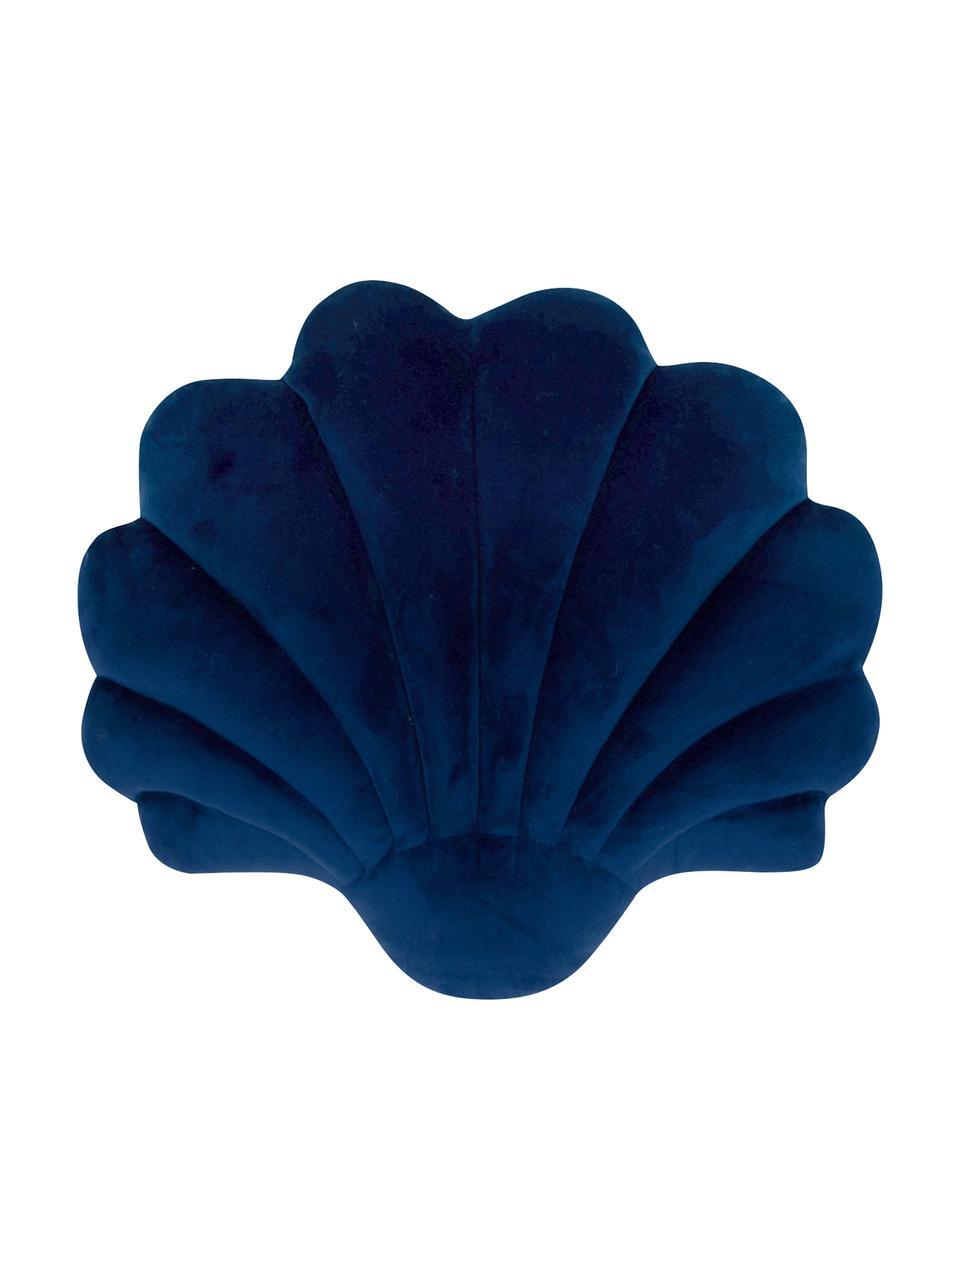 Poduszka z aksamitu Shell, Ciemny niebieski, S 28 x D 30 cm